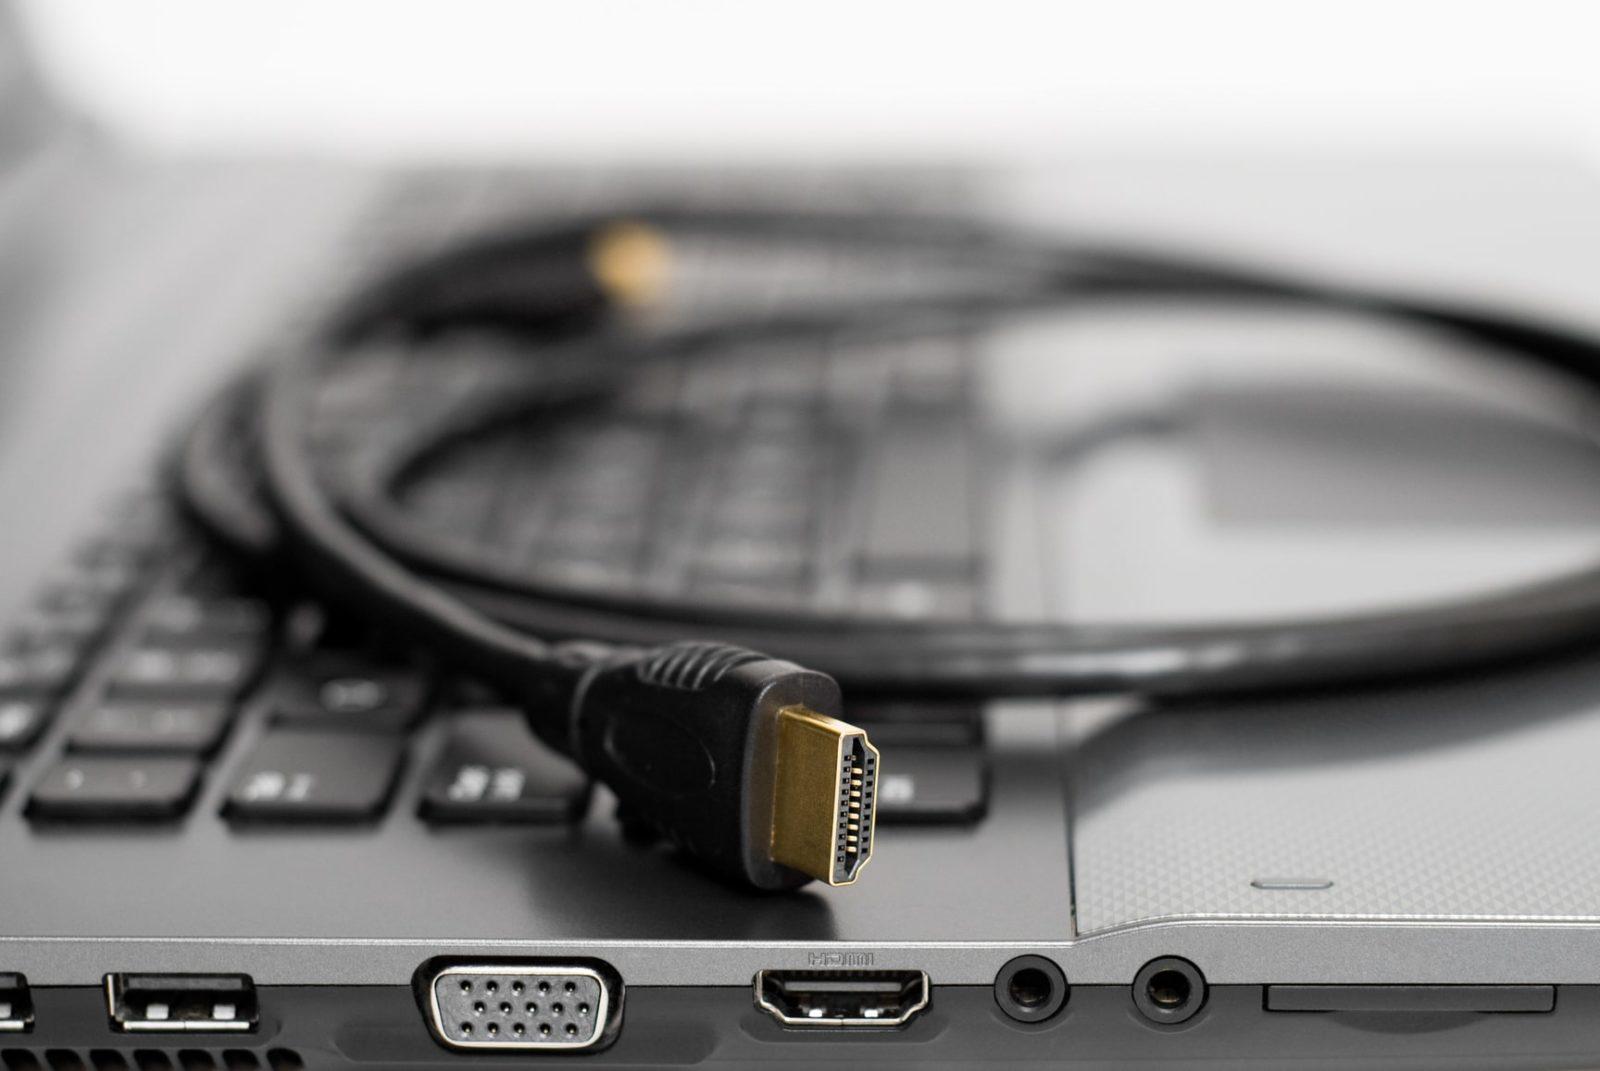 Особенности HDMI кабеля и причины неисправности